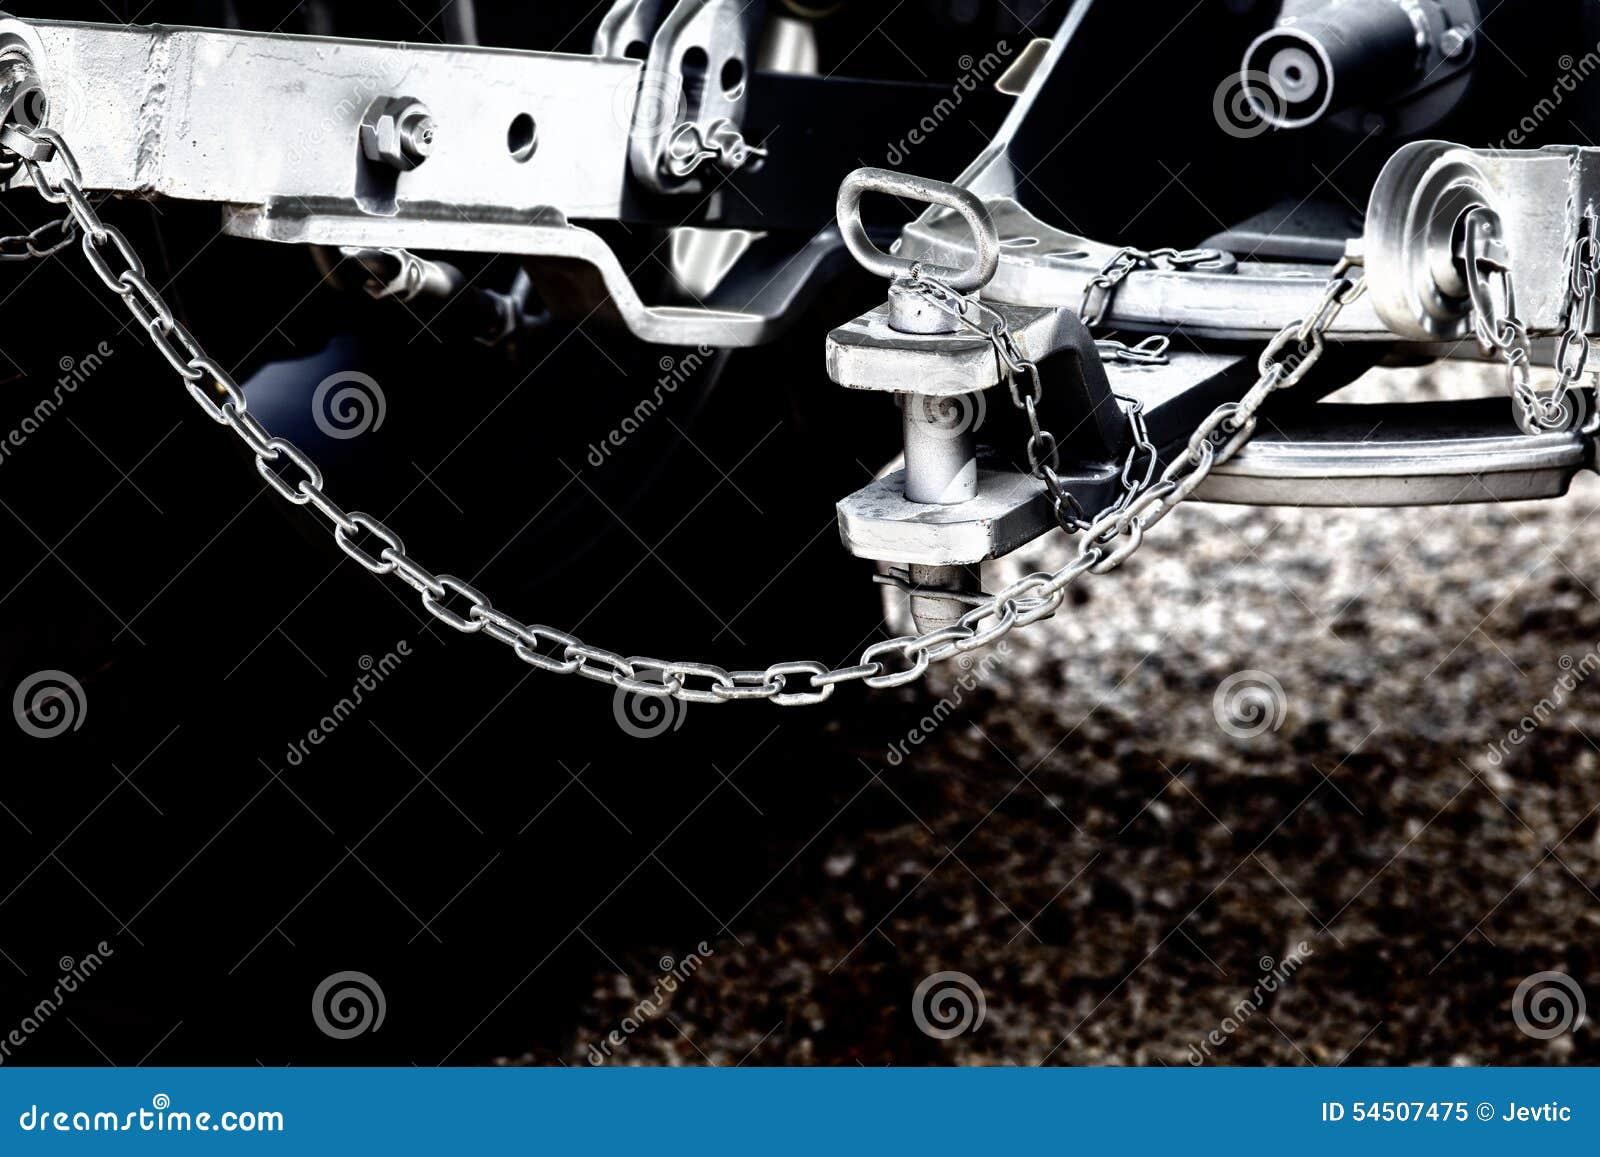 Traktorproblem und -Anhängerkupplung